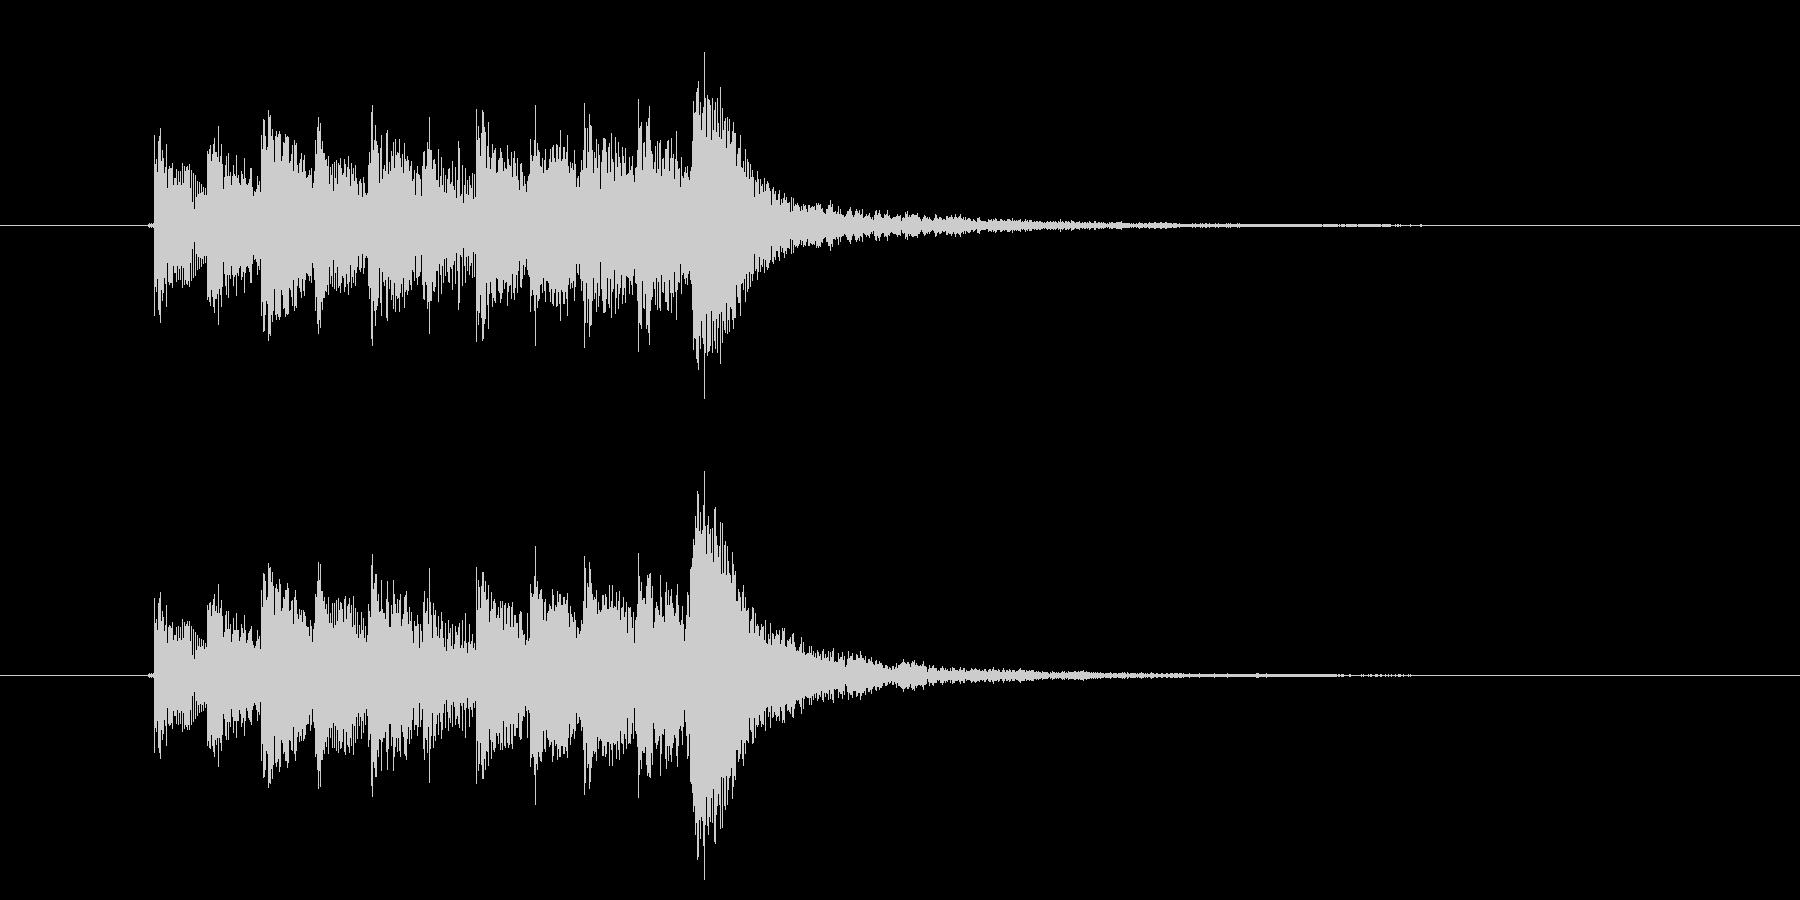 鉄琴サンプリング系のアルペジオの未再生の波形